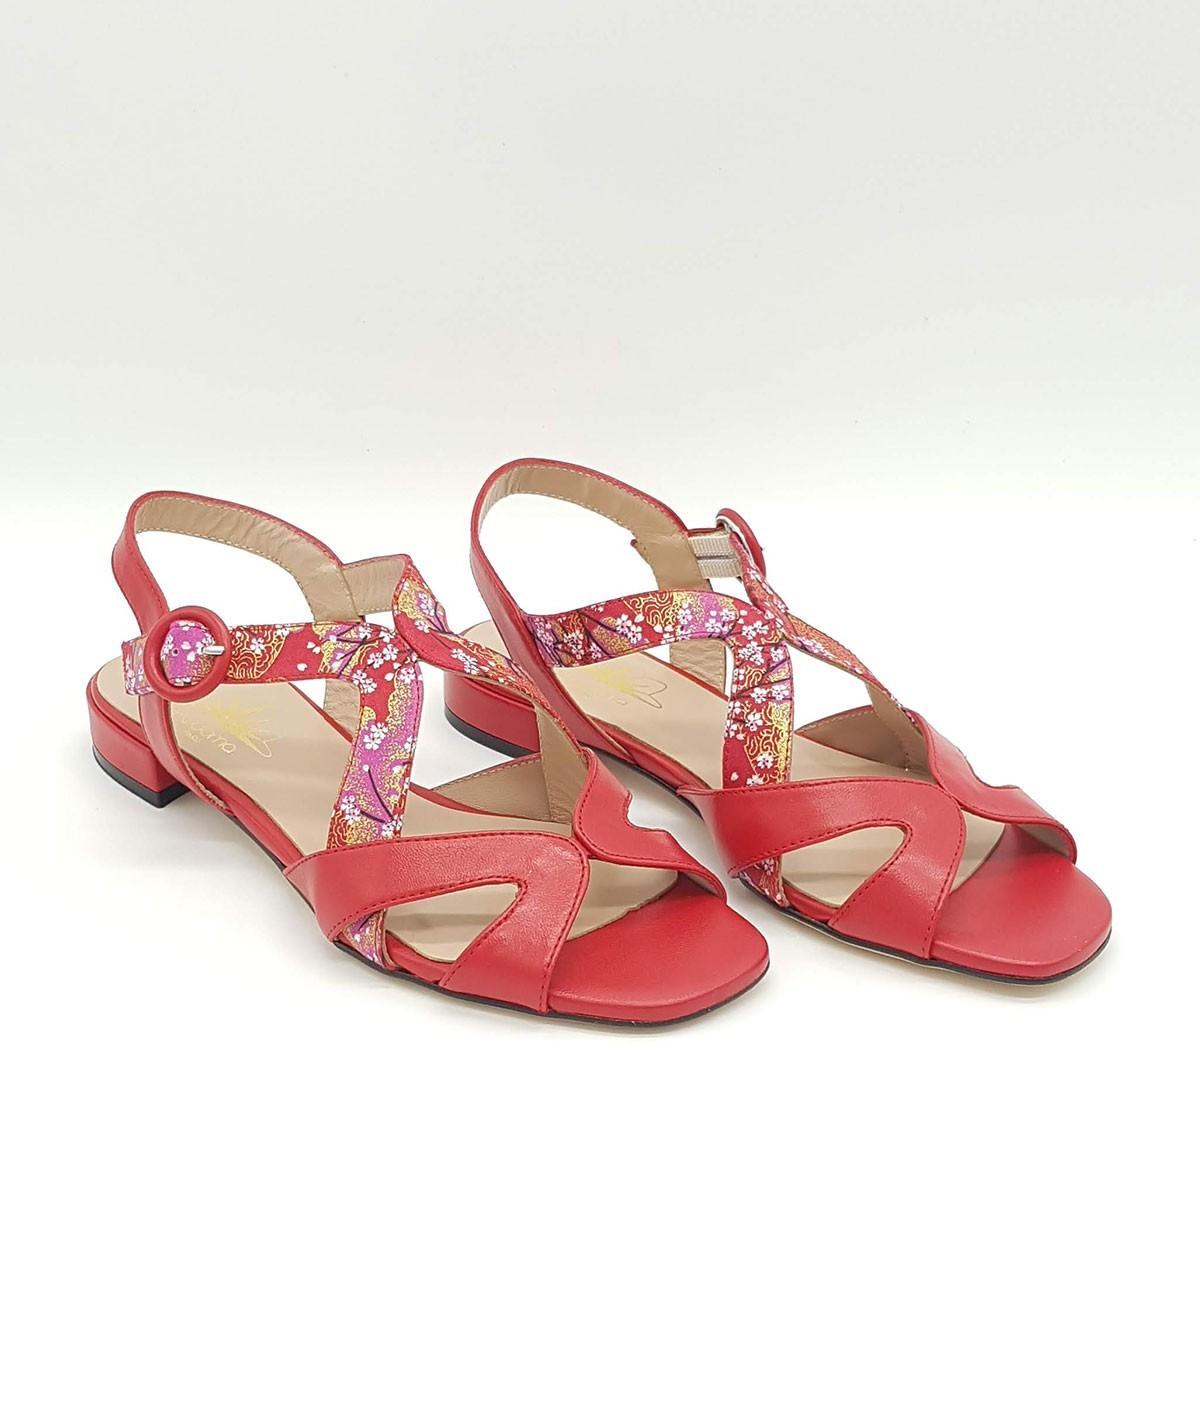 Sandales plates de Nagoya